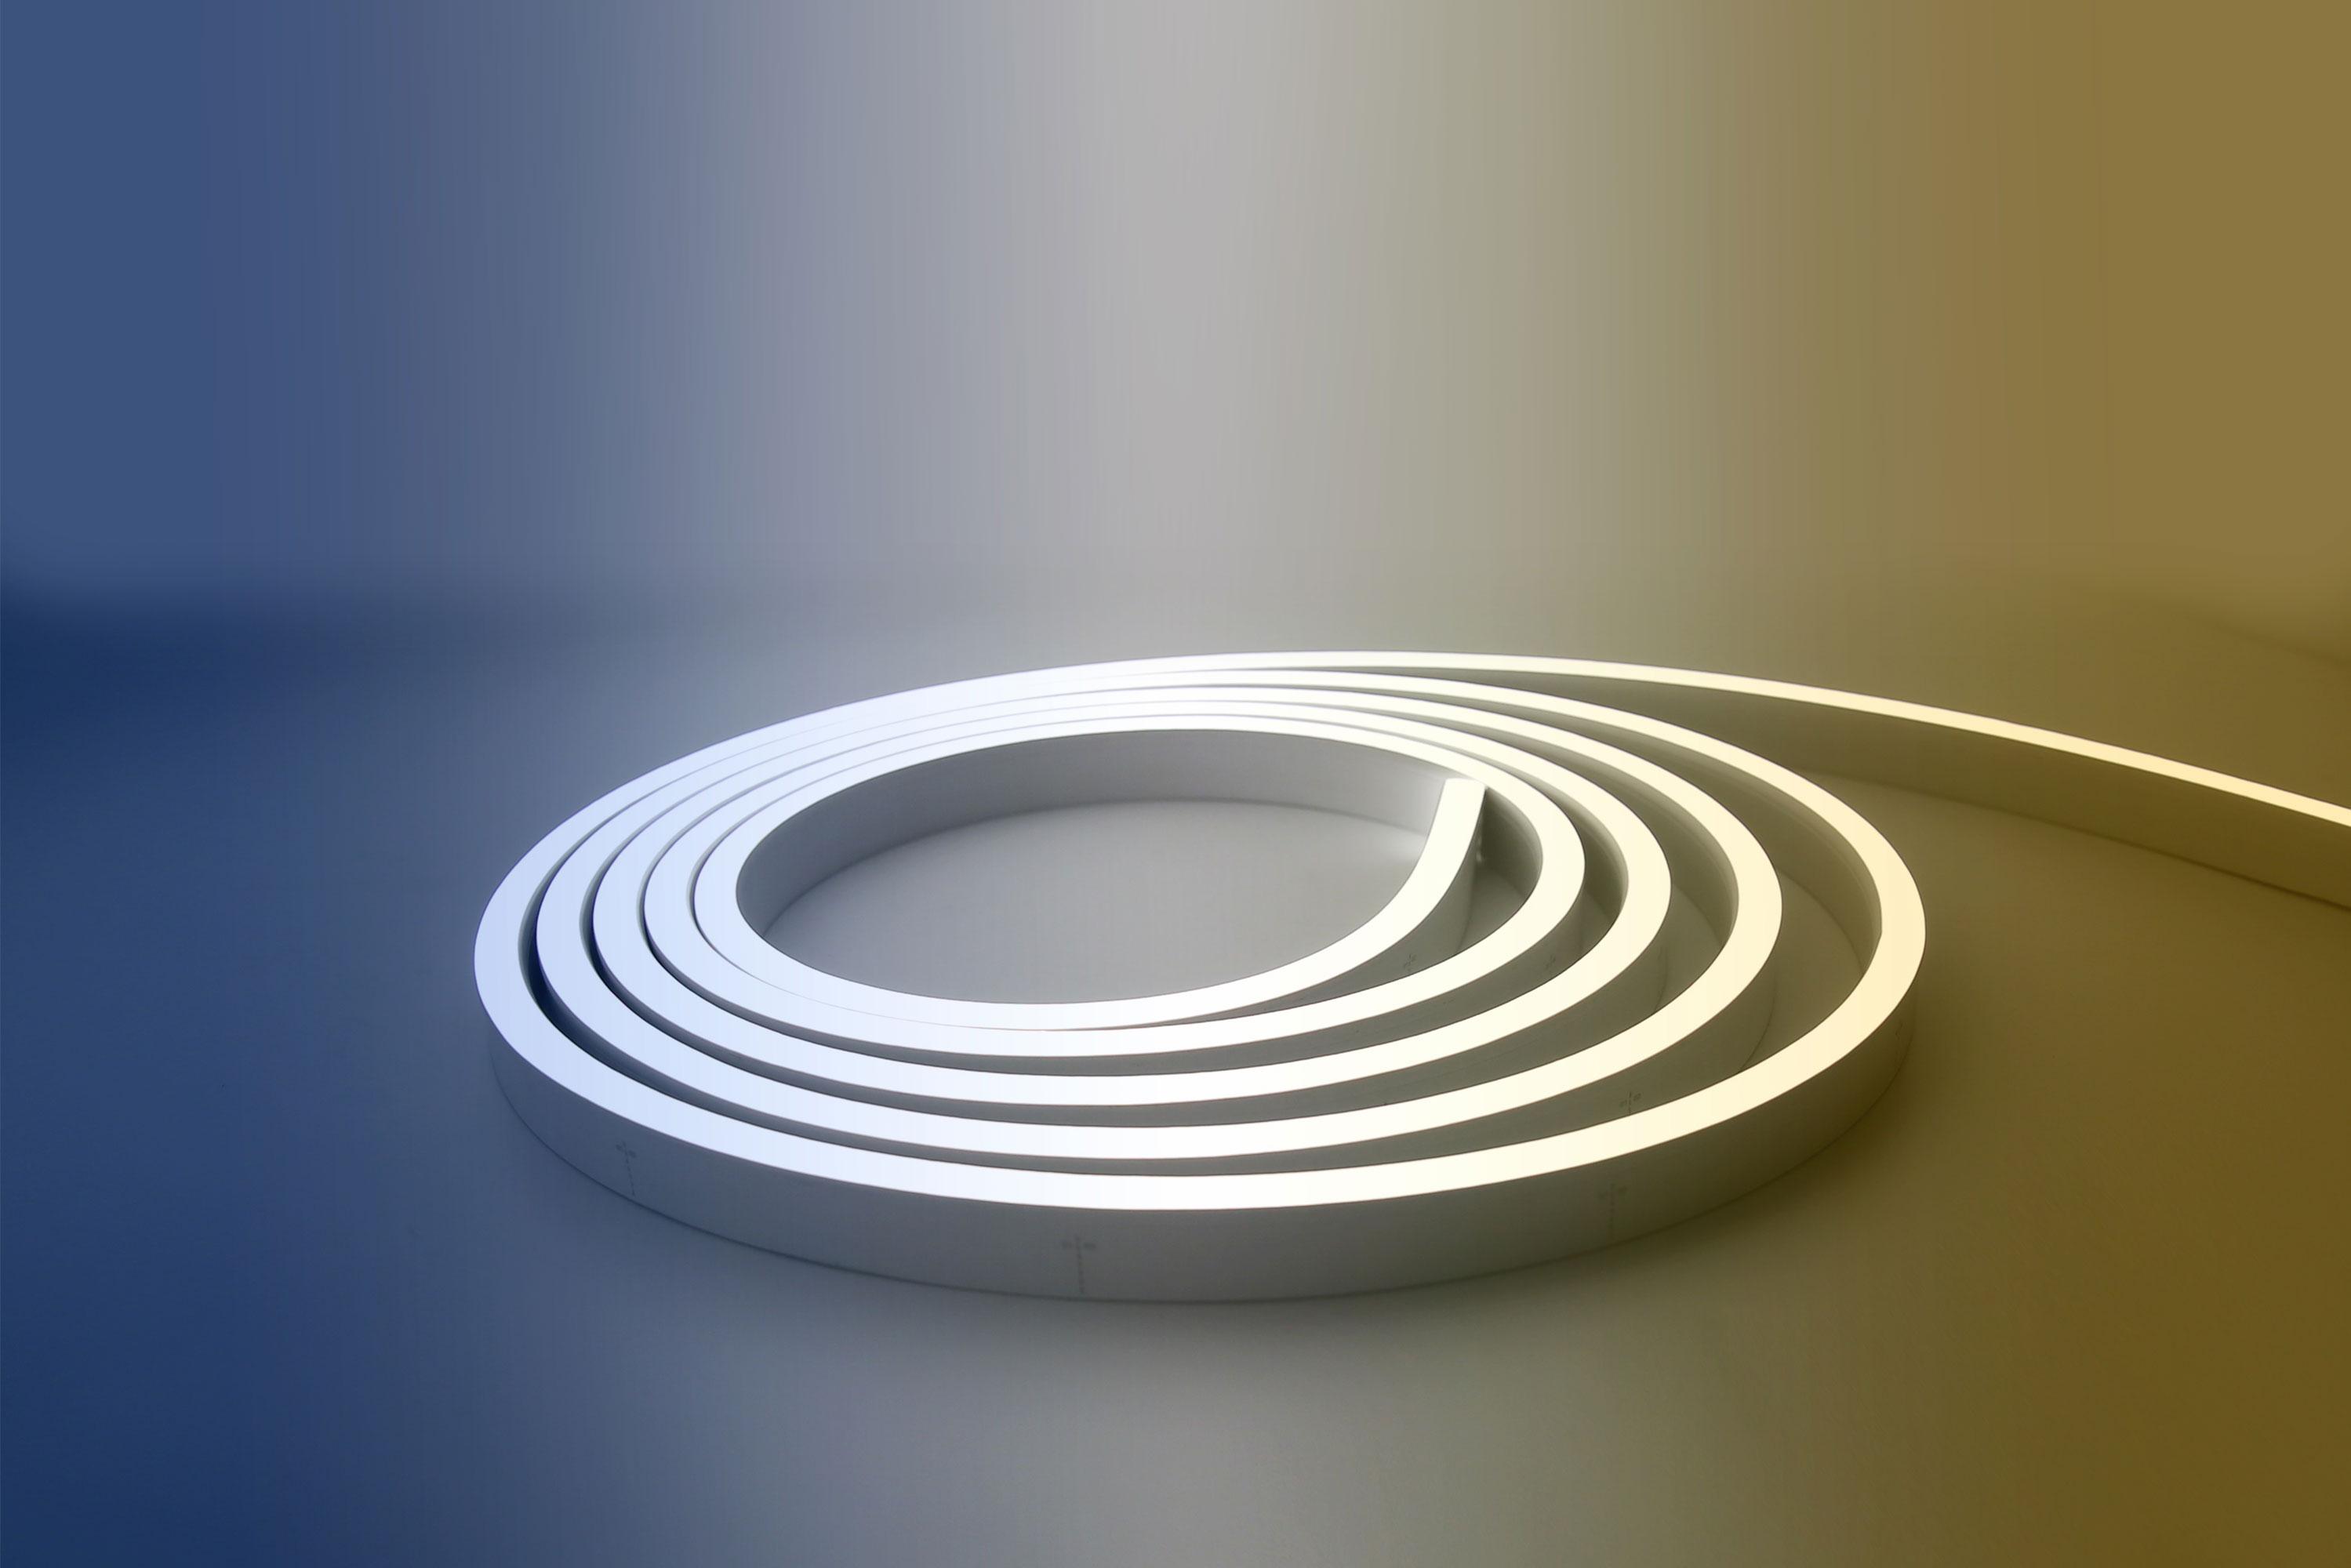 lightcurve-b2-2